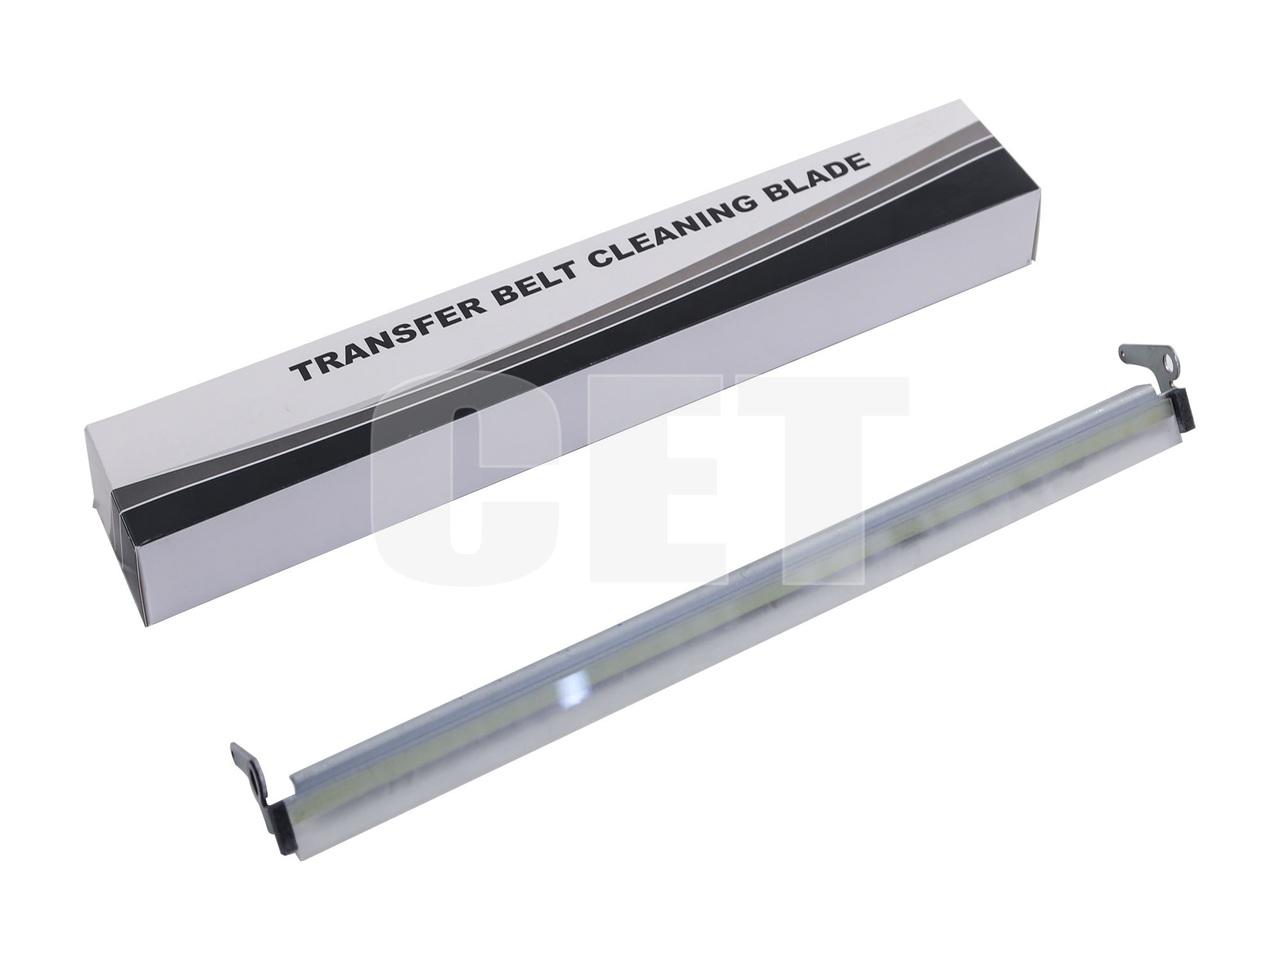 Лезвие очистки ленты переноса A50UR70K00 для KONICAMINOLTA Bizhub PRESS C1070/C1070P (CET), CET281006